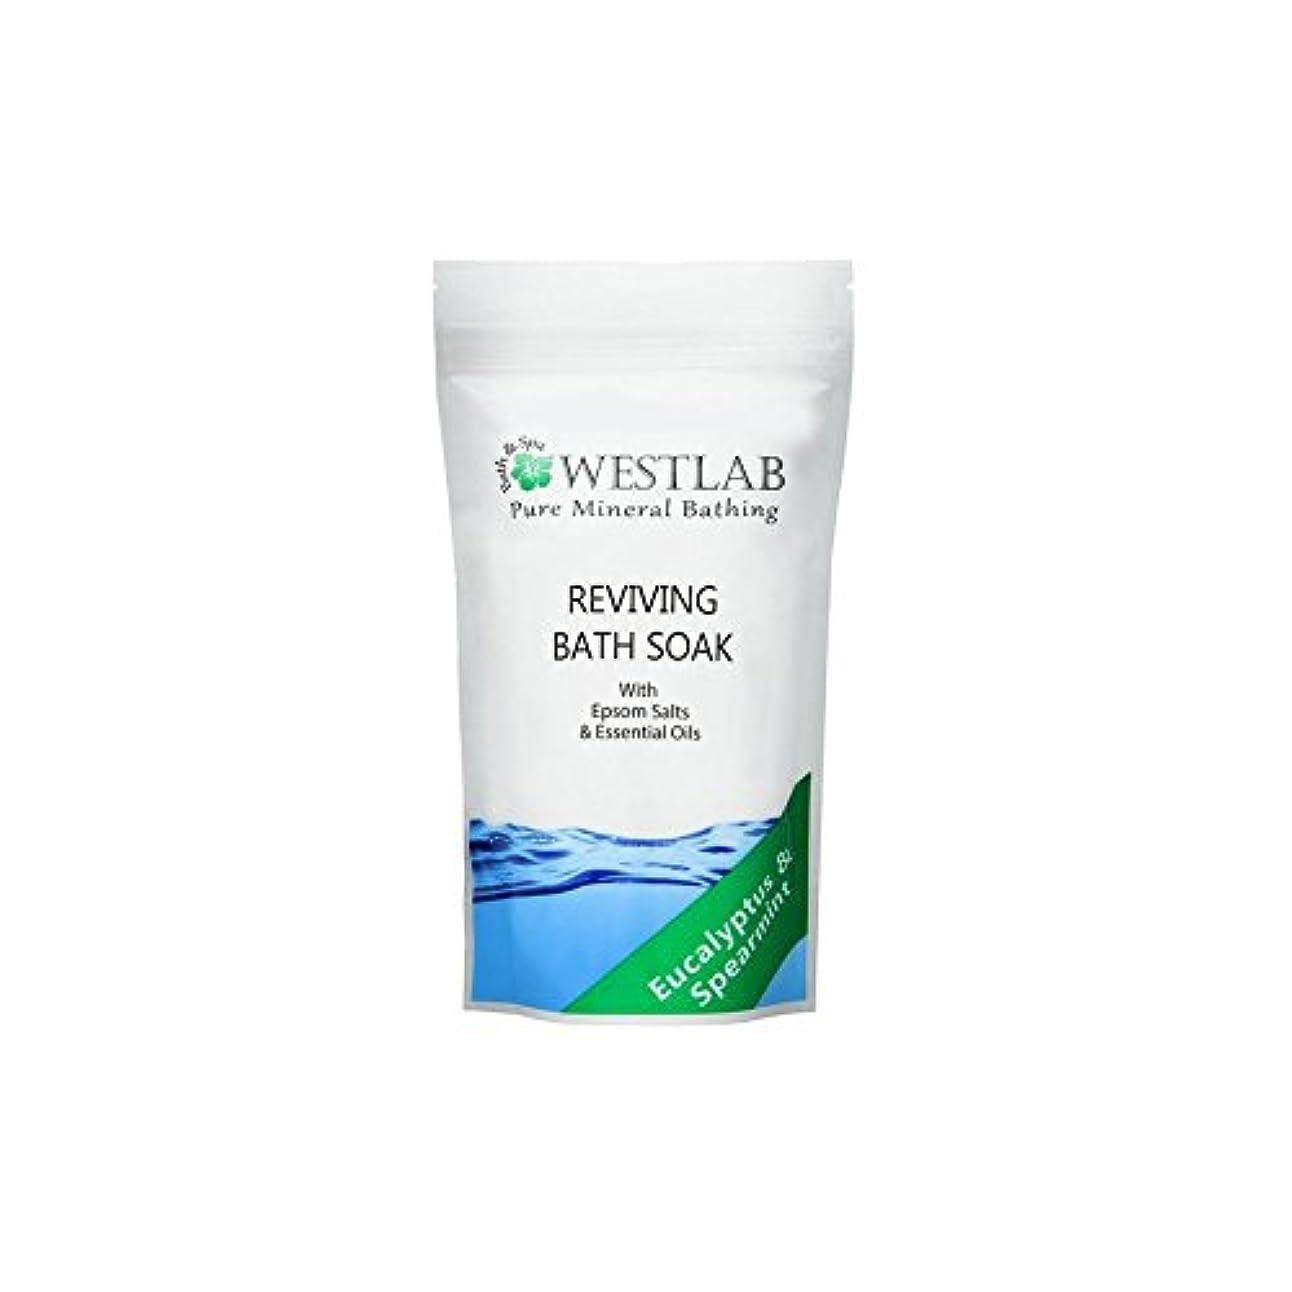 同様に乏しい前Westlab Revive Epsom Salt Bath Soak (500g) - (500グラム)をソークエプソム塩浴を復活させます [並行輸入品]